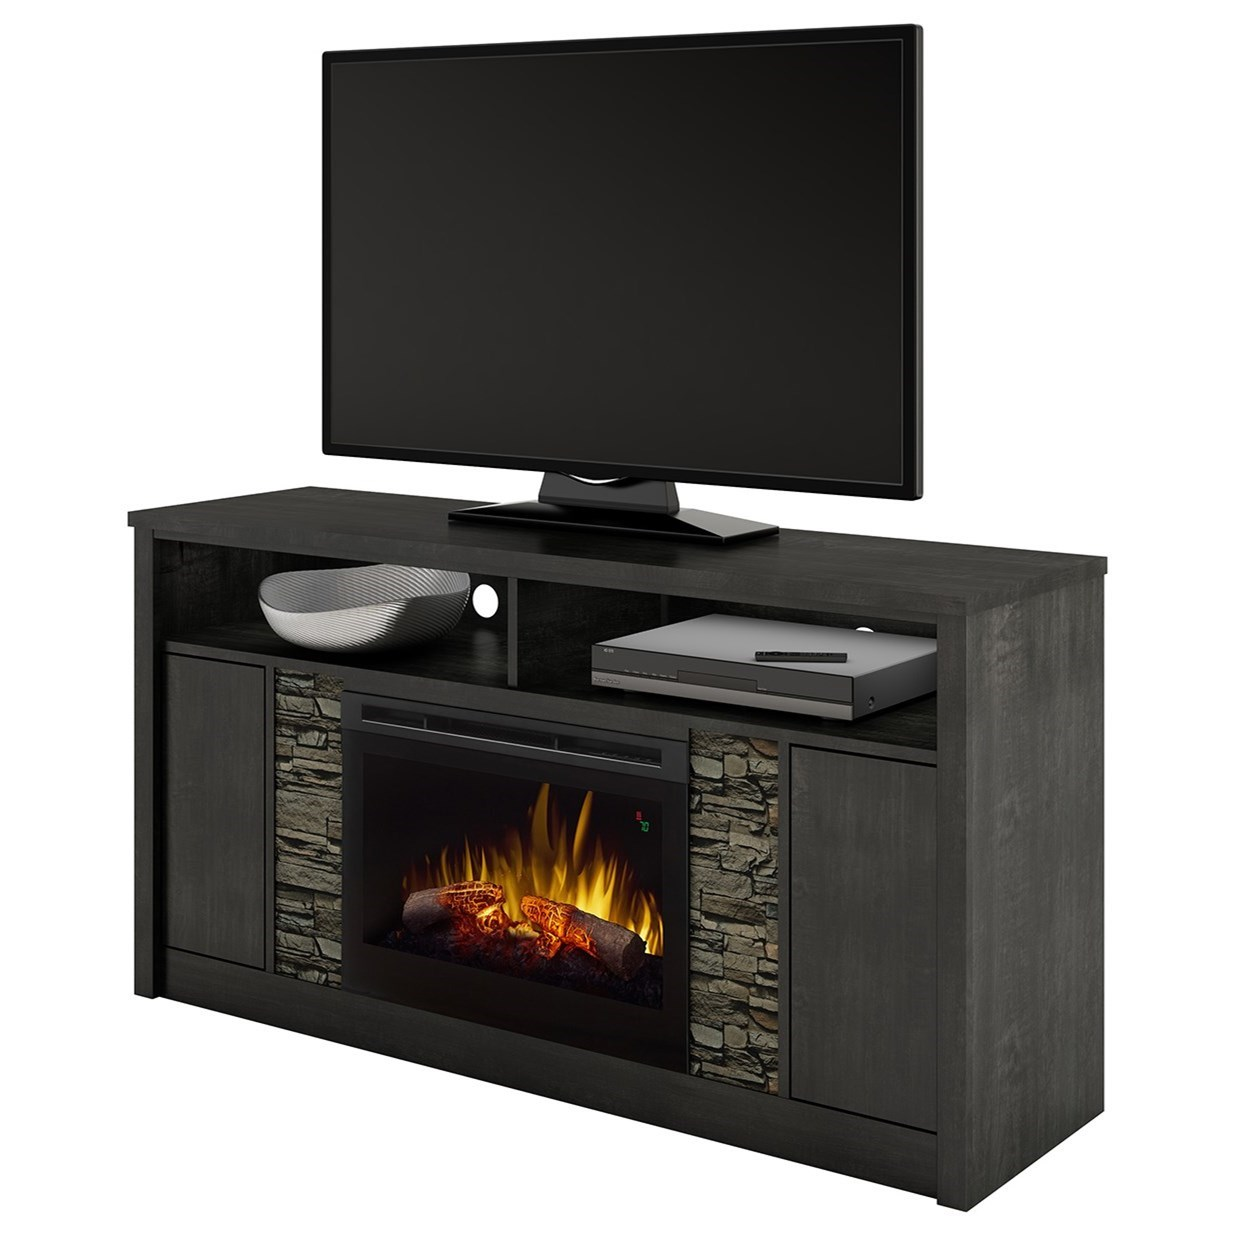 dimplex media console fireplaces caroline media mantel fireplace